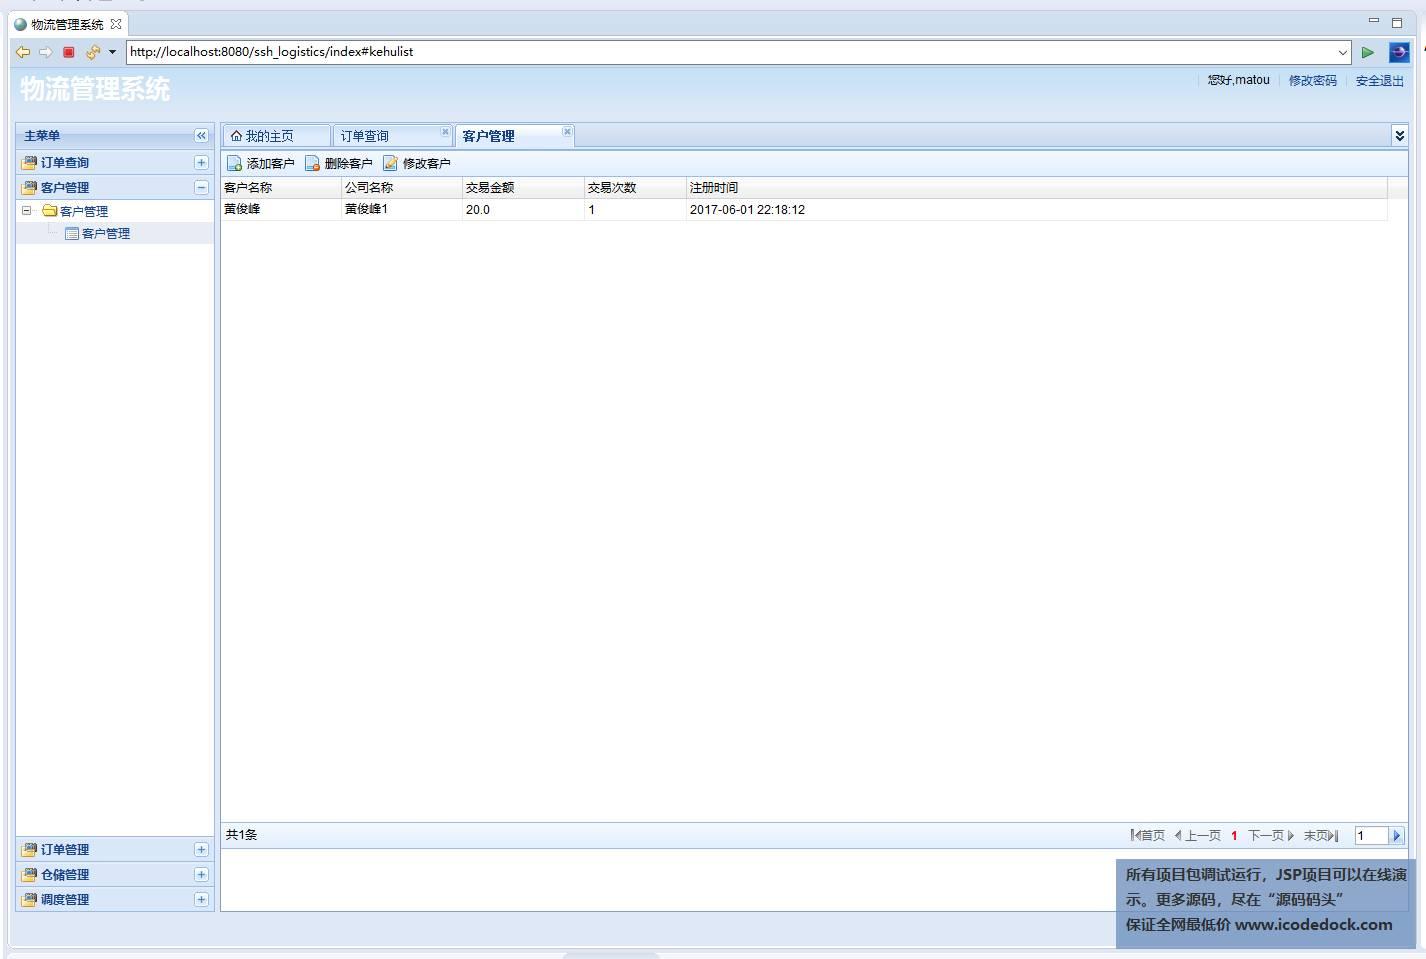 源码码头-SSH物流快递管理系统-员工角色-客户增删改查管理